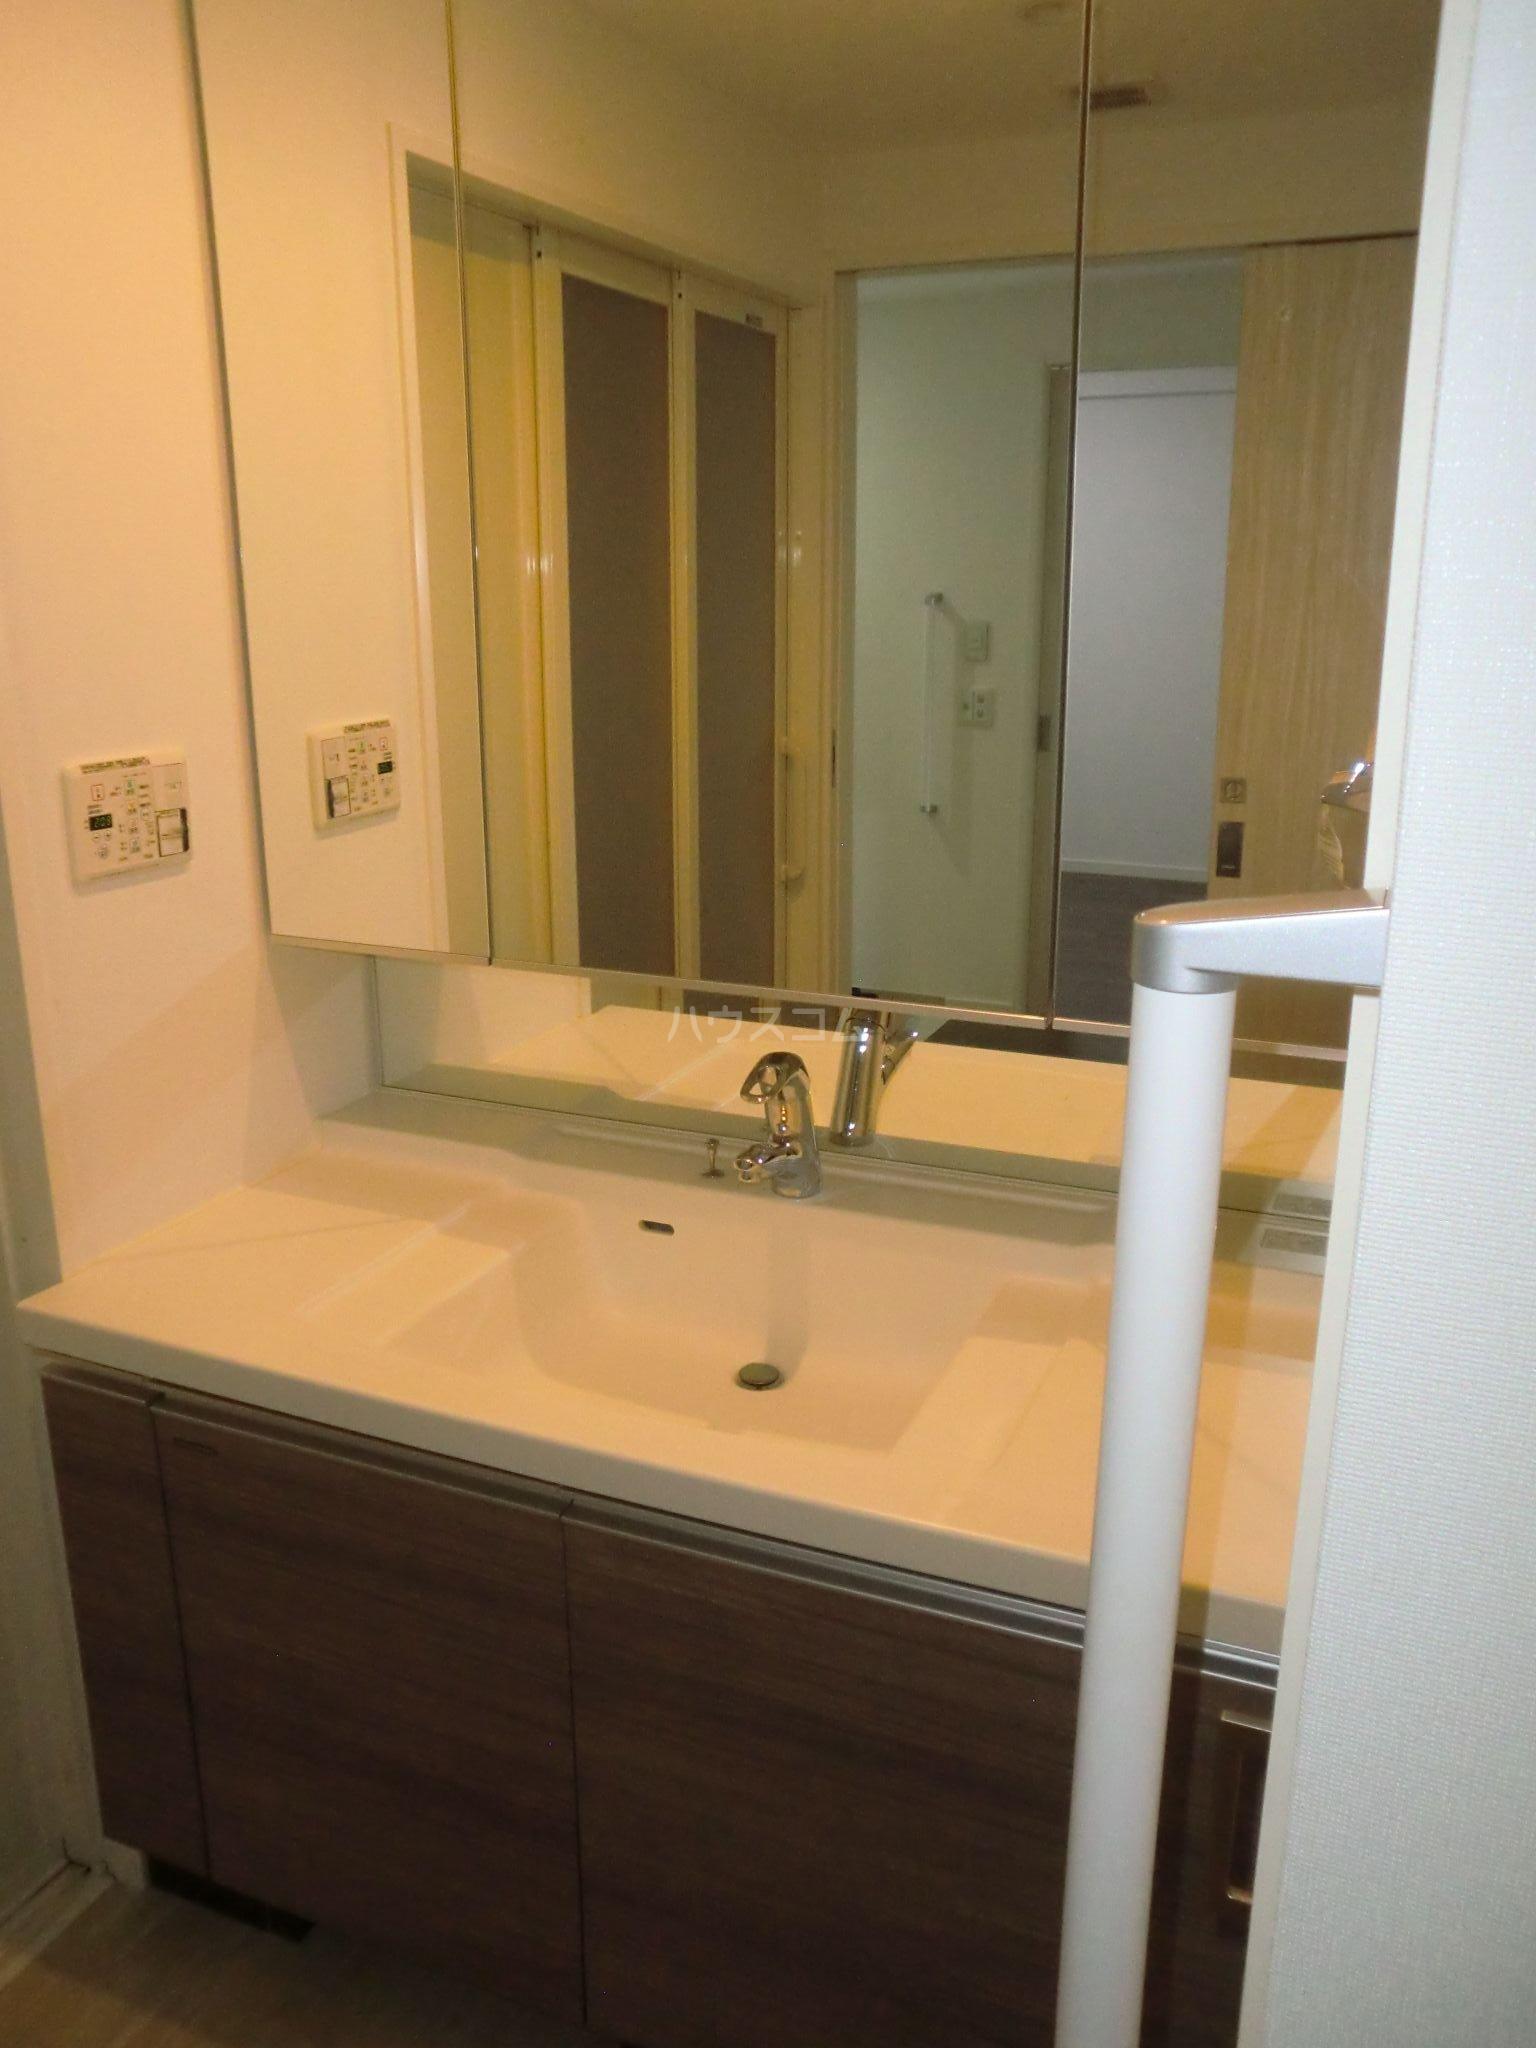 モントーレラコルタユニバ通り 503号室の洗面所